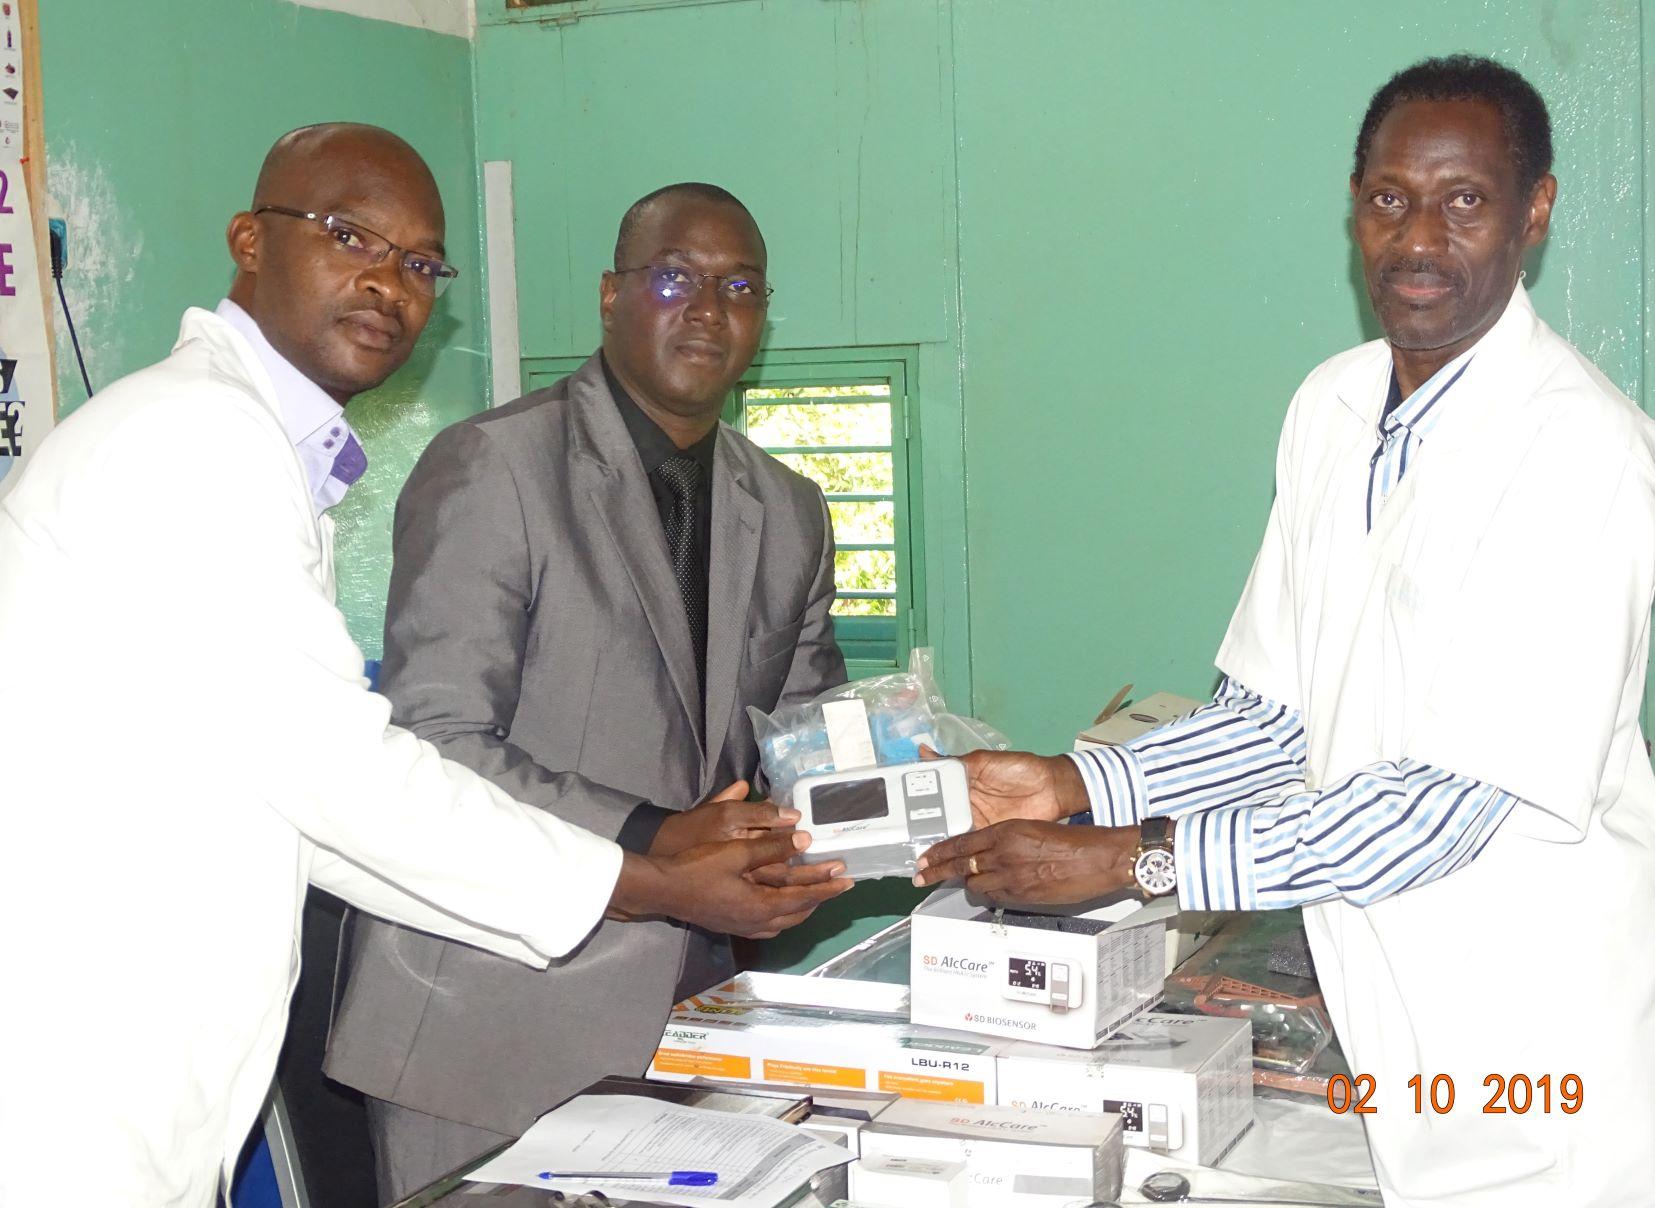 Fondation Mondiale du Diabète: un appui de plus 08 millions pour un meilleur traitement